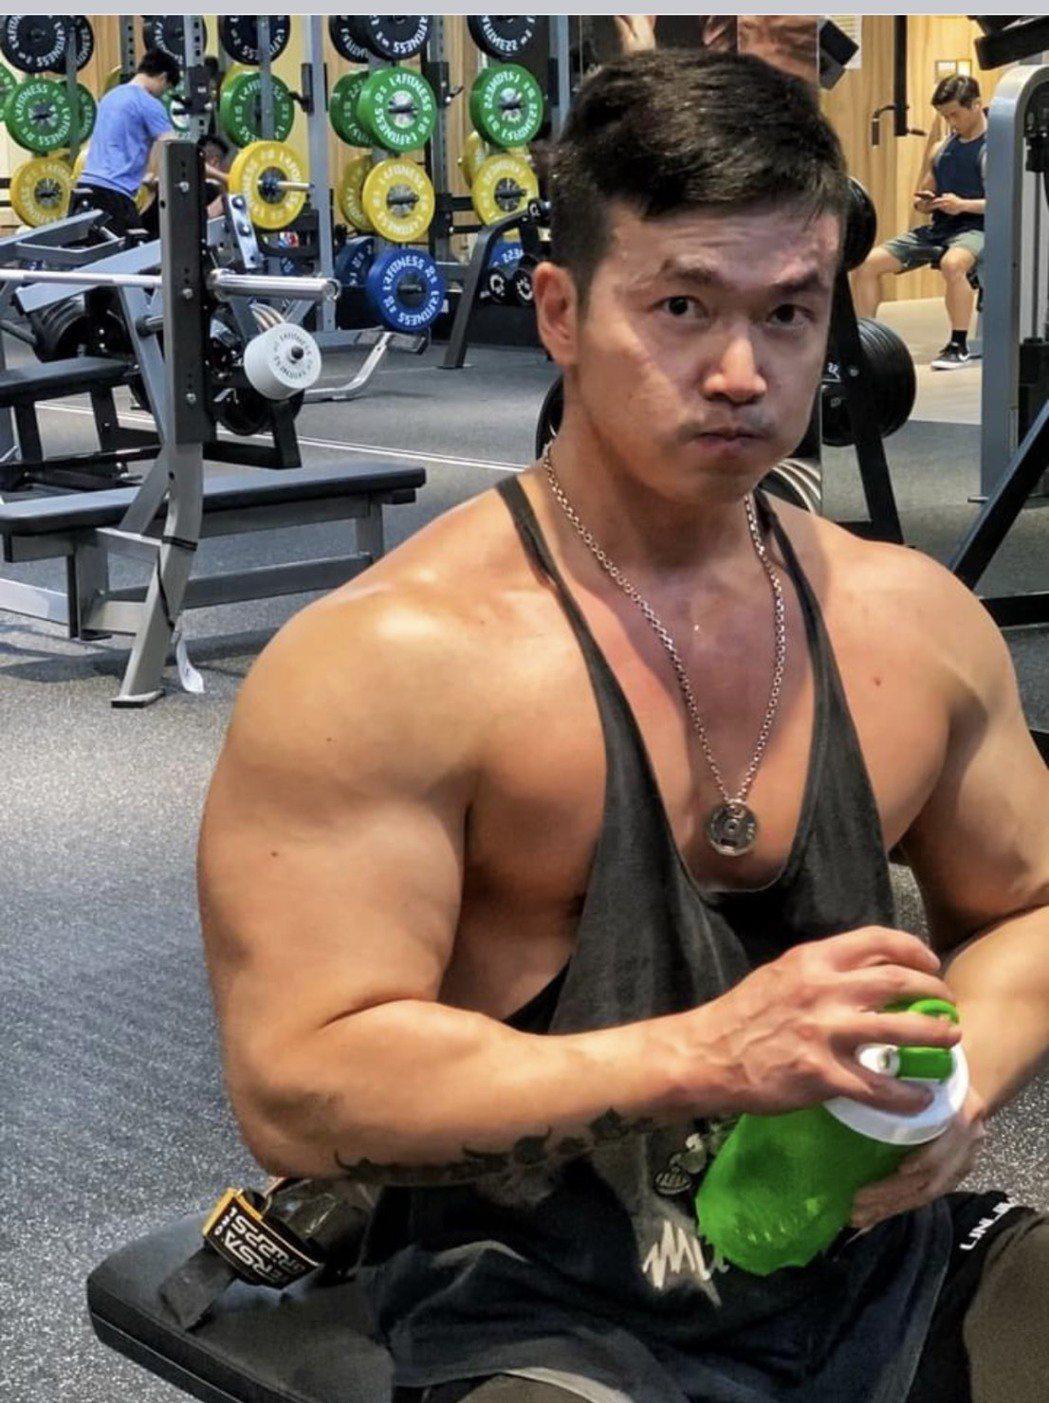 李沛旭長期健身,養出壯碩肌肉。圗/摘自IG